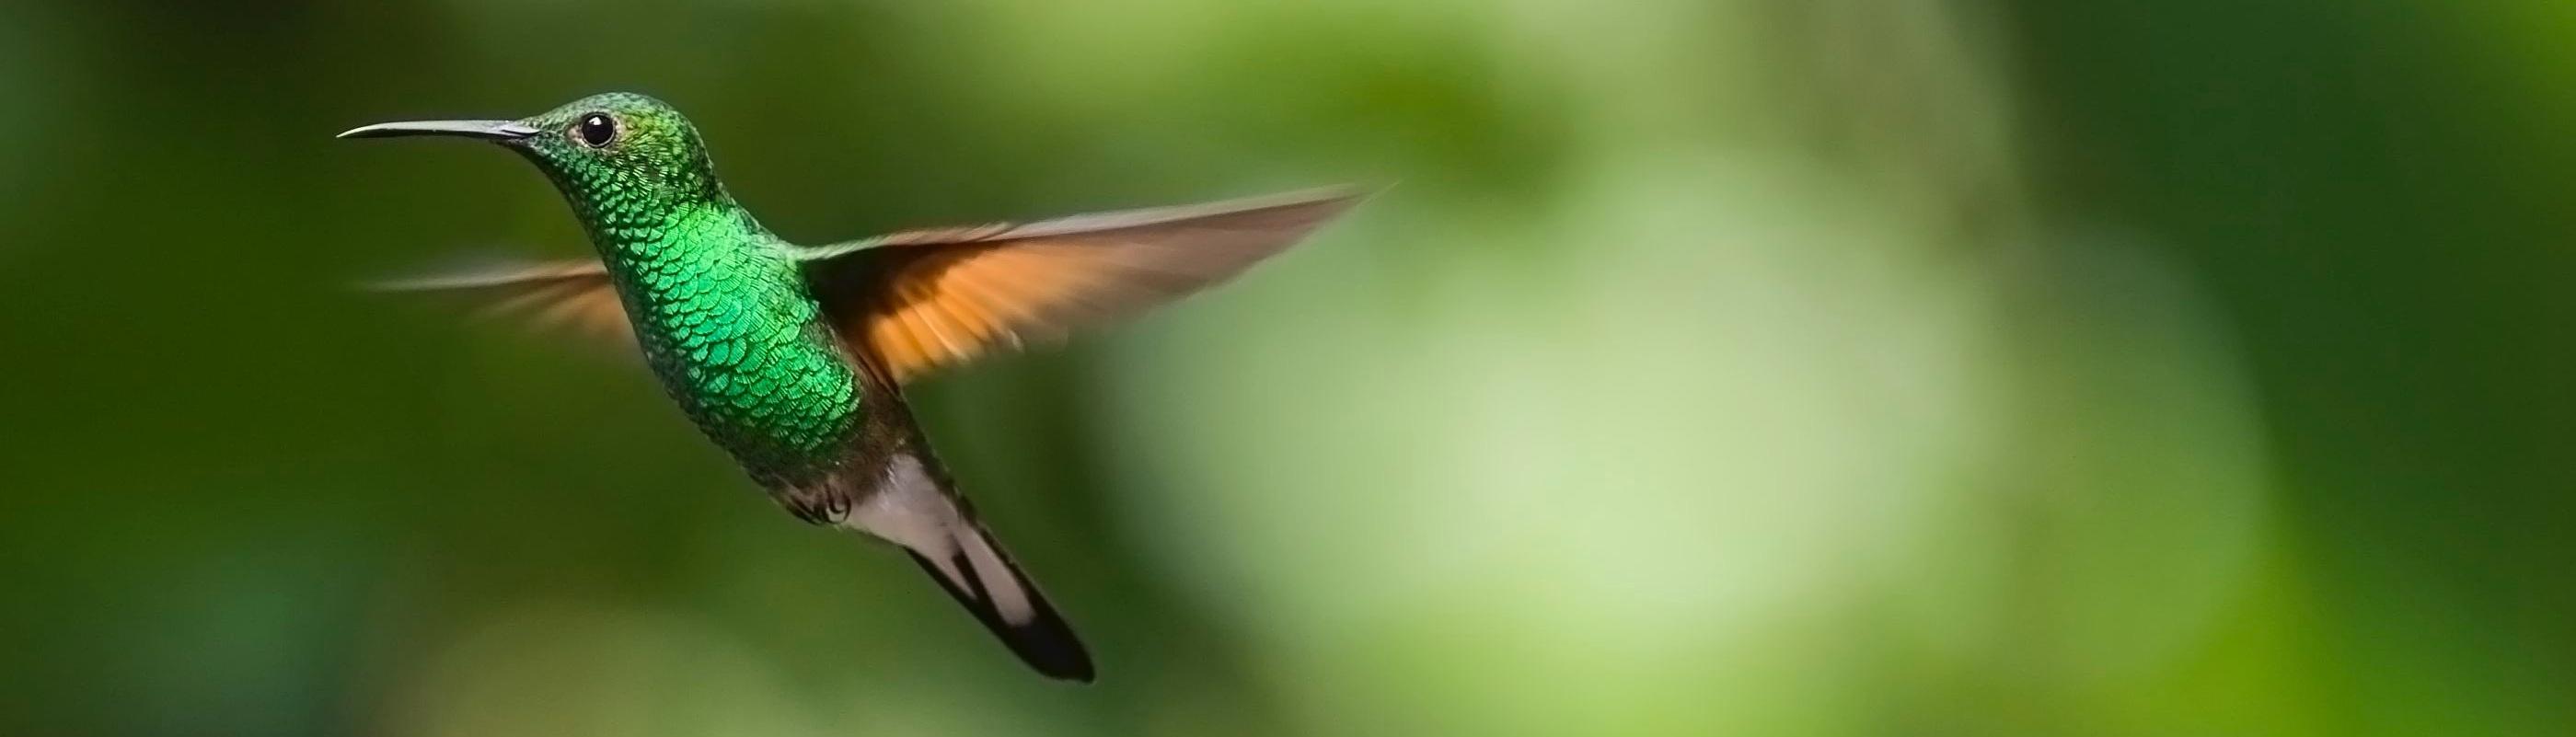 Foto eines fliegenden Kolibris